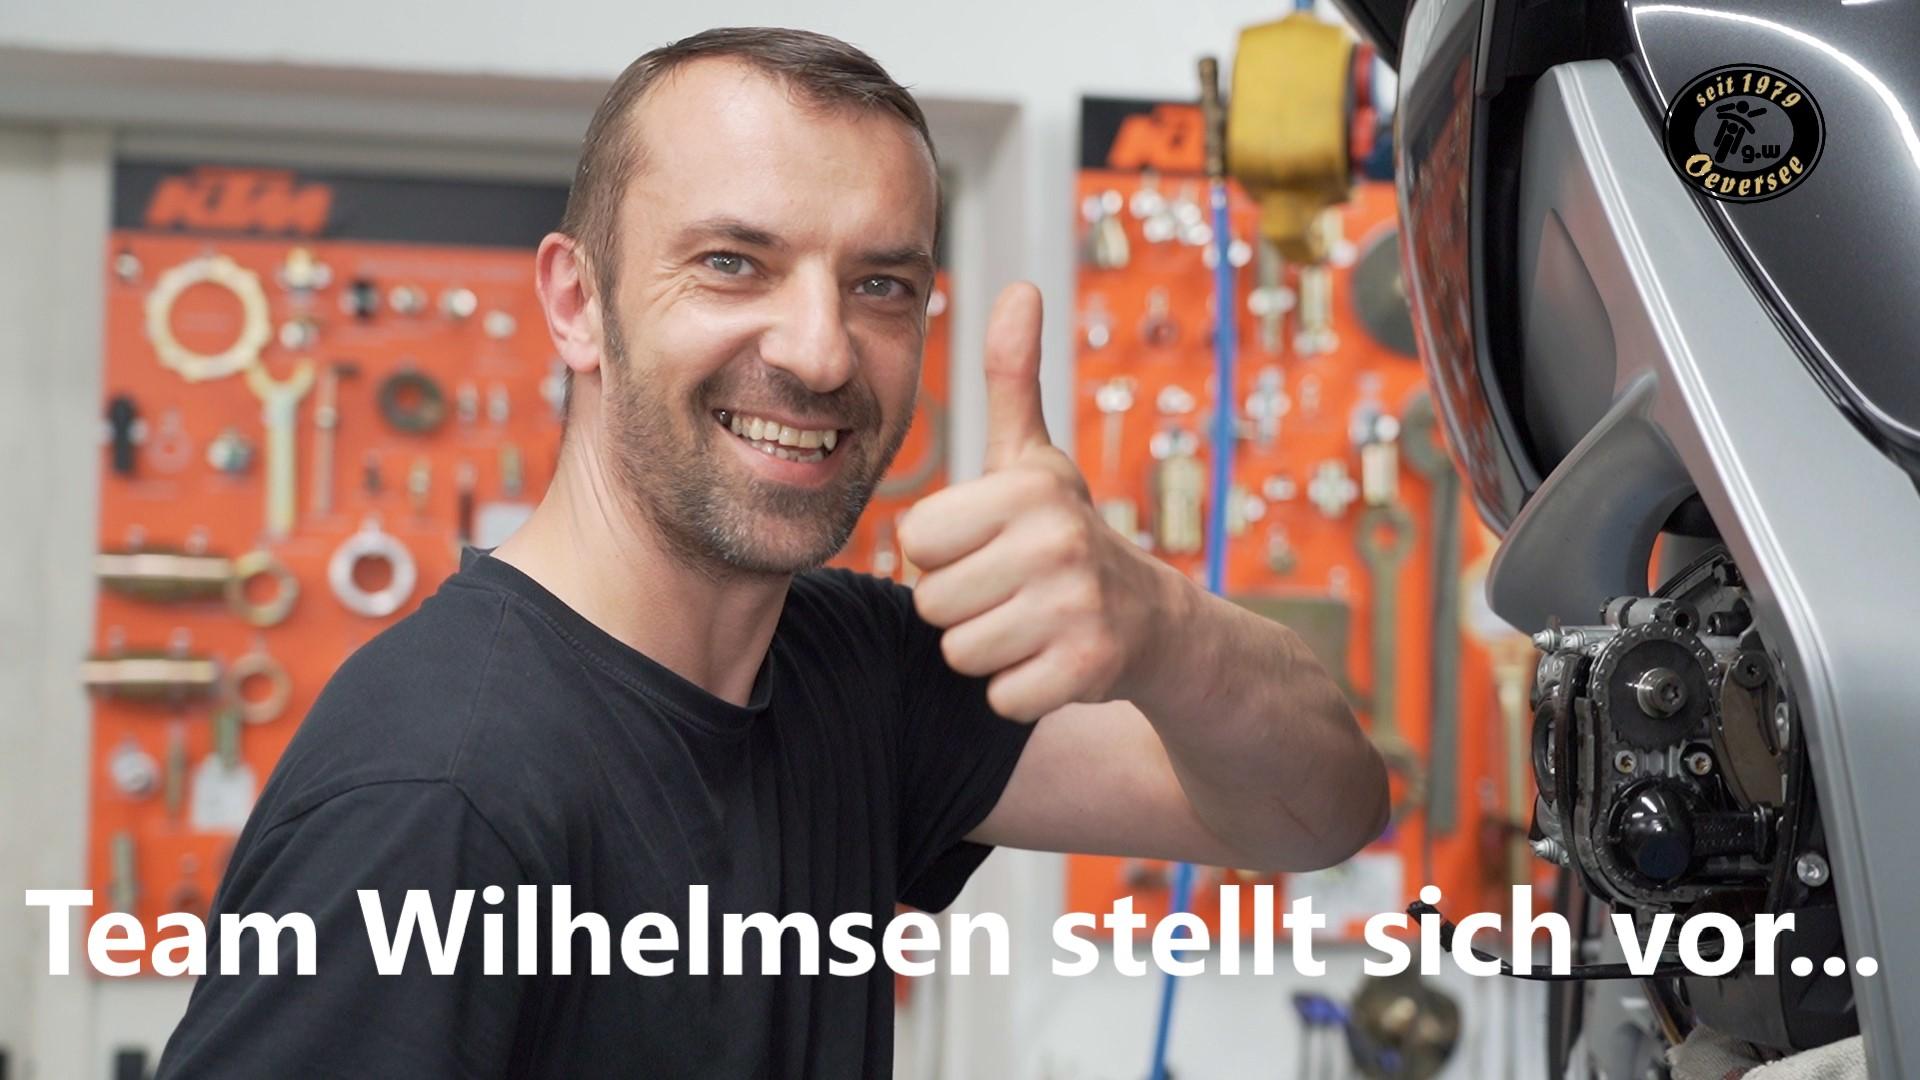 Team Wilhelmsen stellt sich vor...